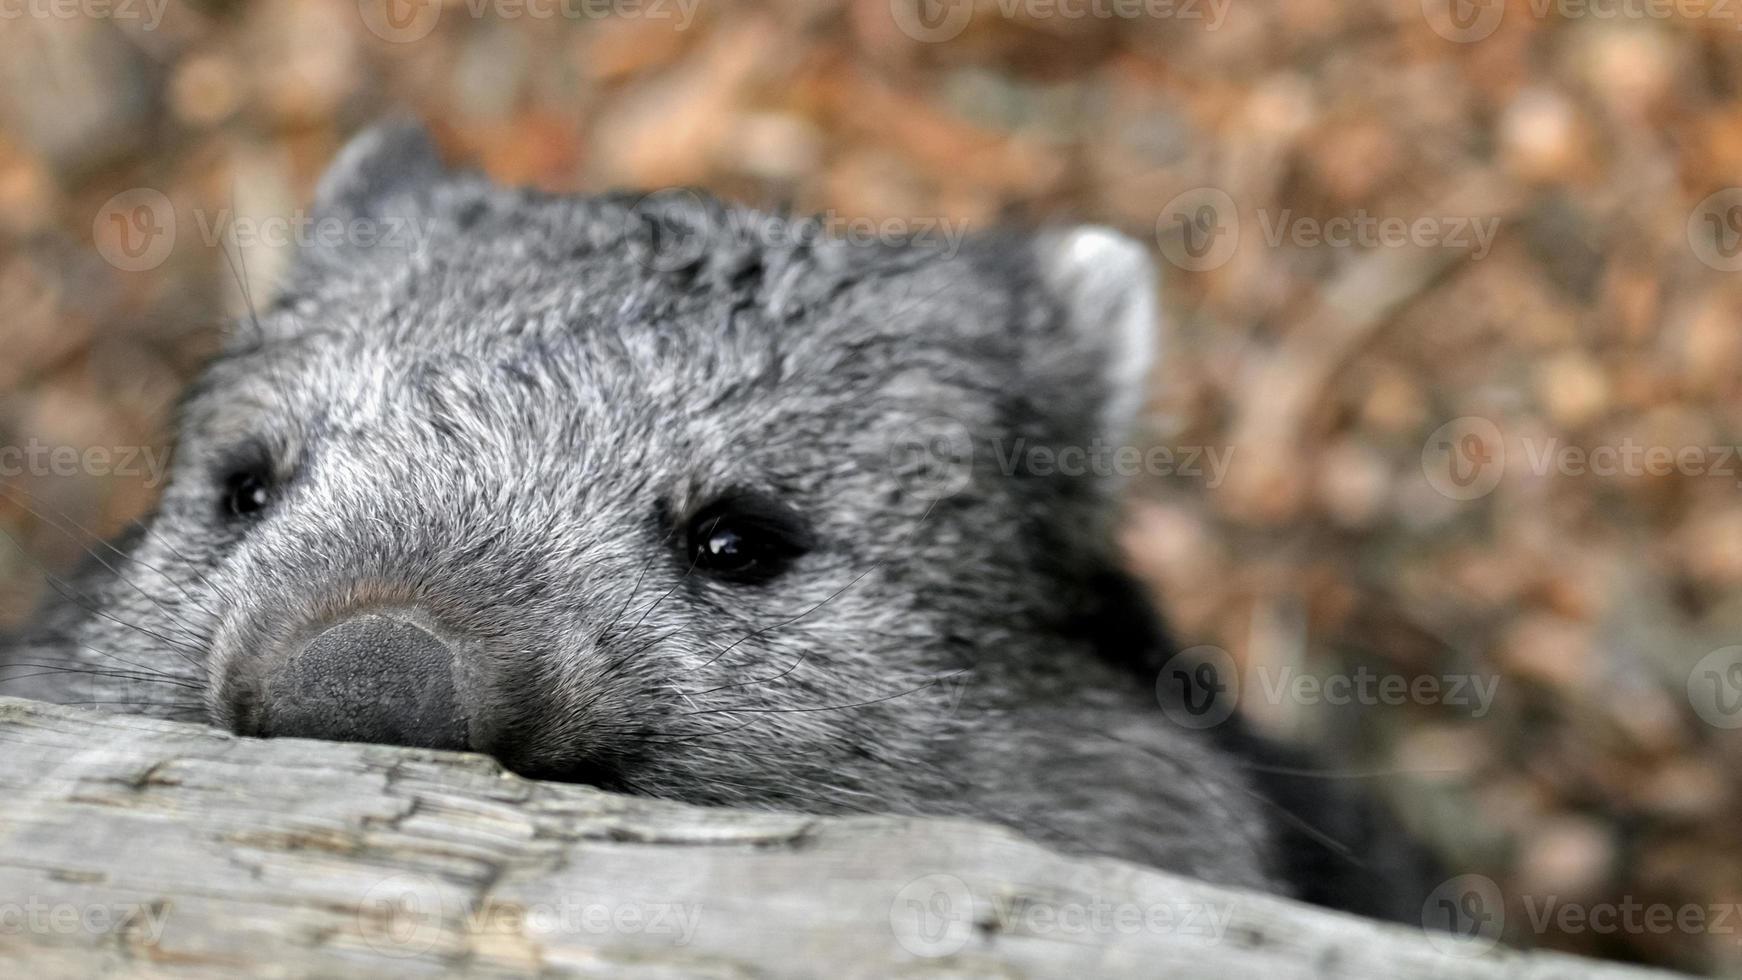 Wombat furtivo mirando por encima de la valla foto